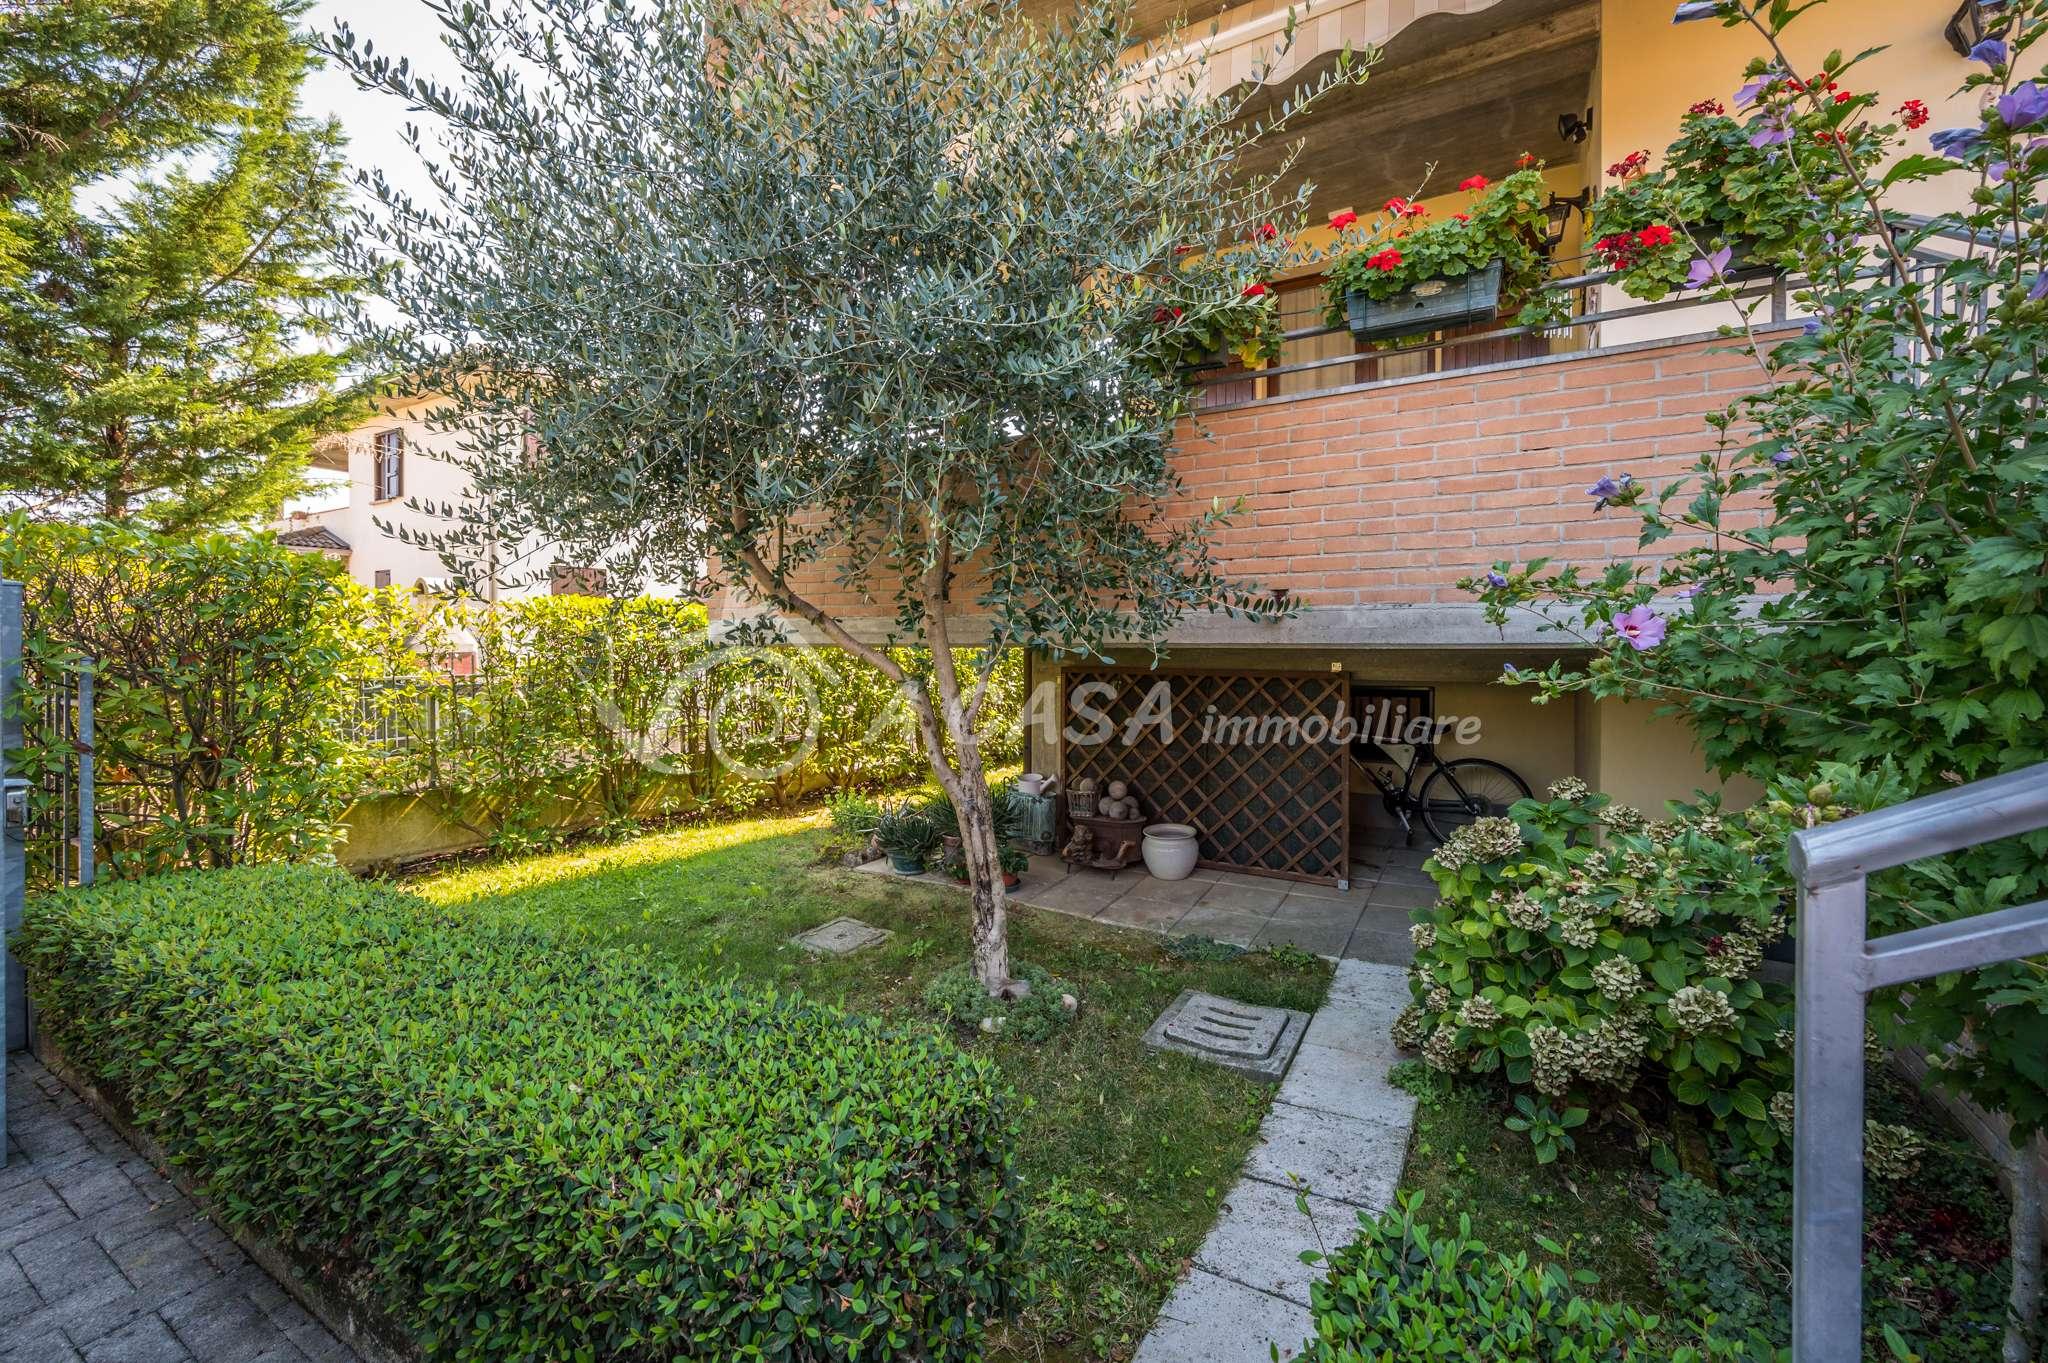 Appartamento in vendita a Medesano, 3 locali, prezzo € 180.000 | PortaleAgenzieImmobiliari.it